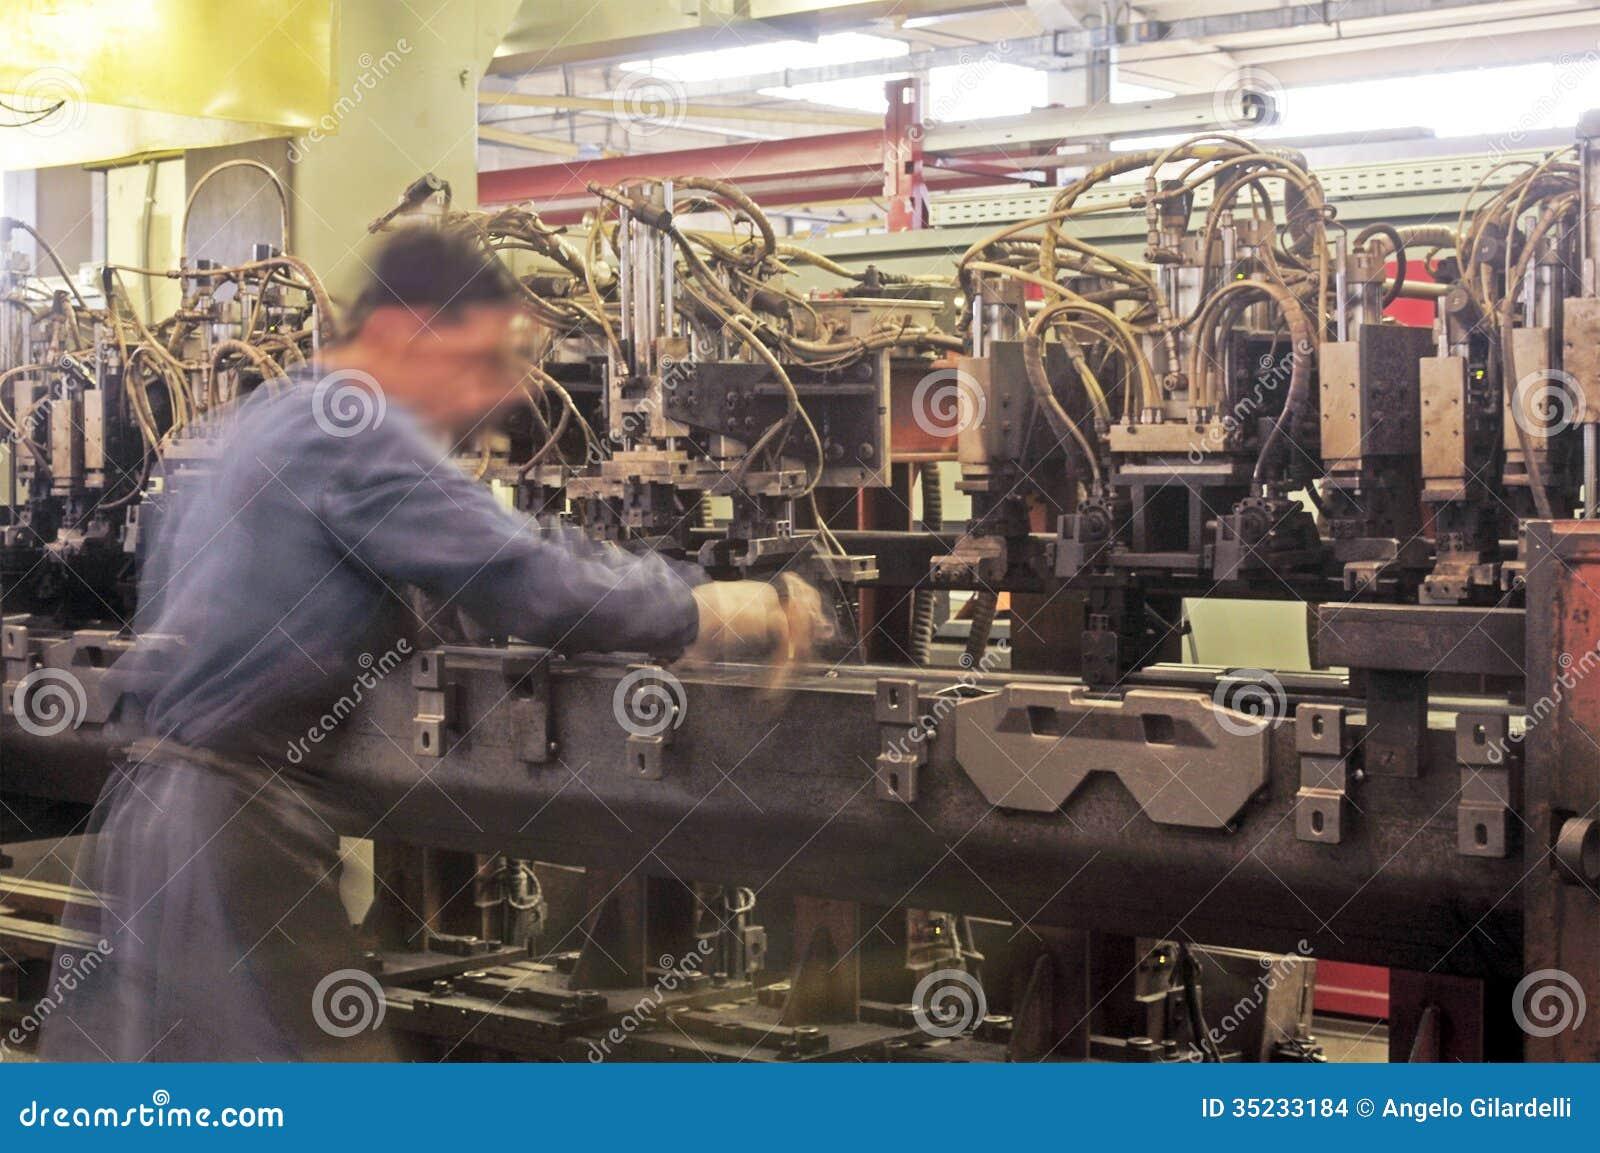 Industria fabril